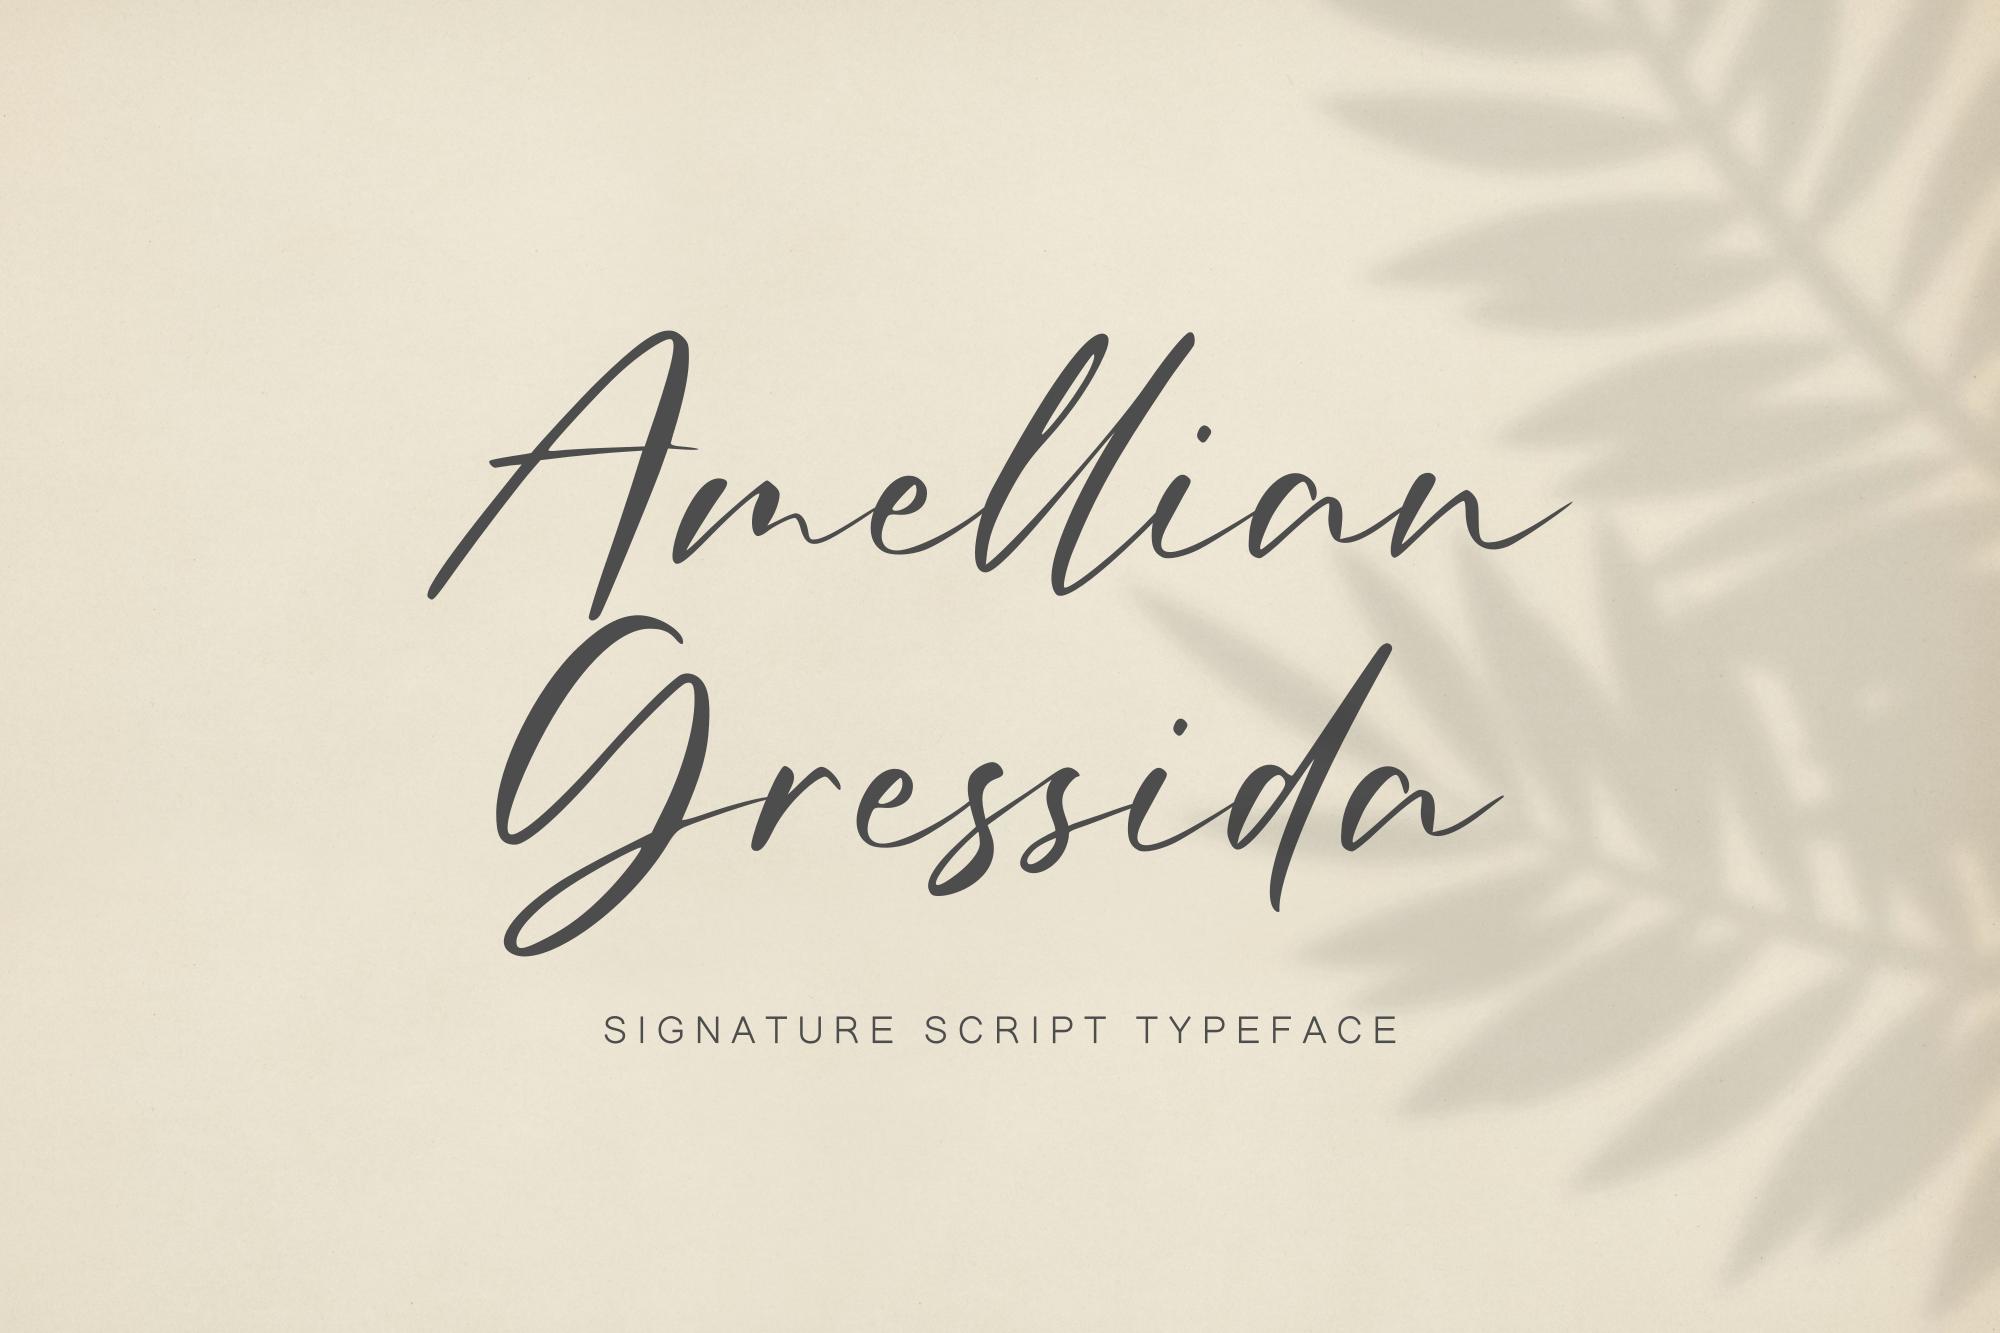 Amellian Gressida example image 1